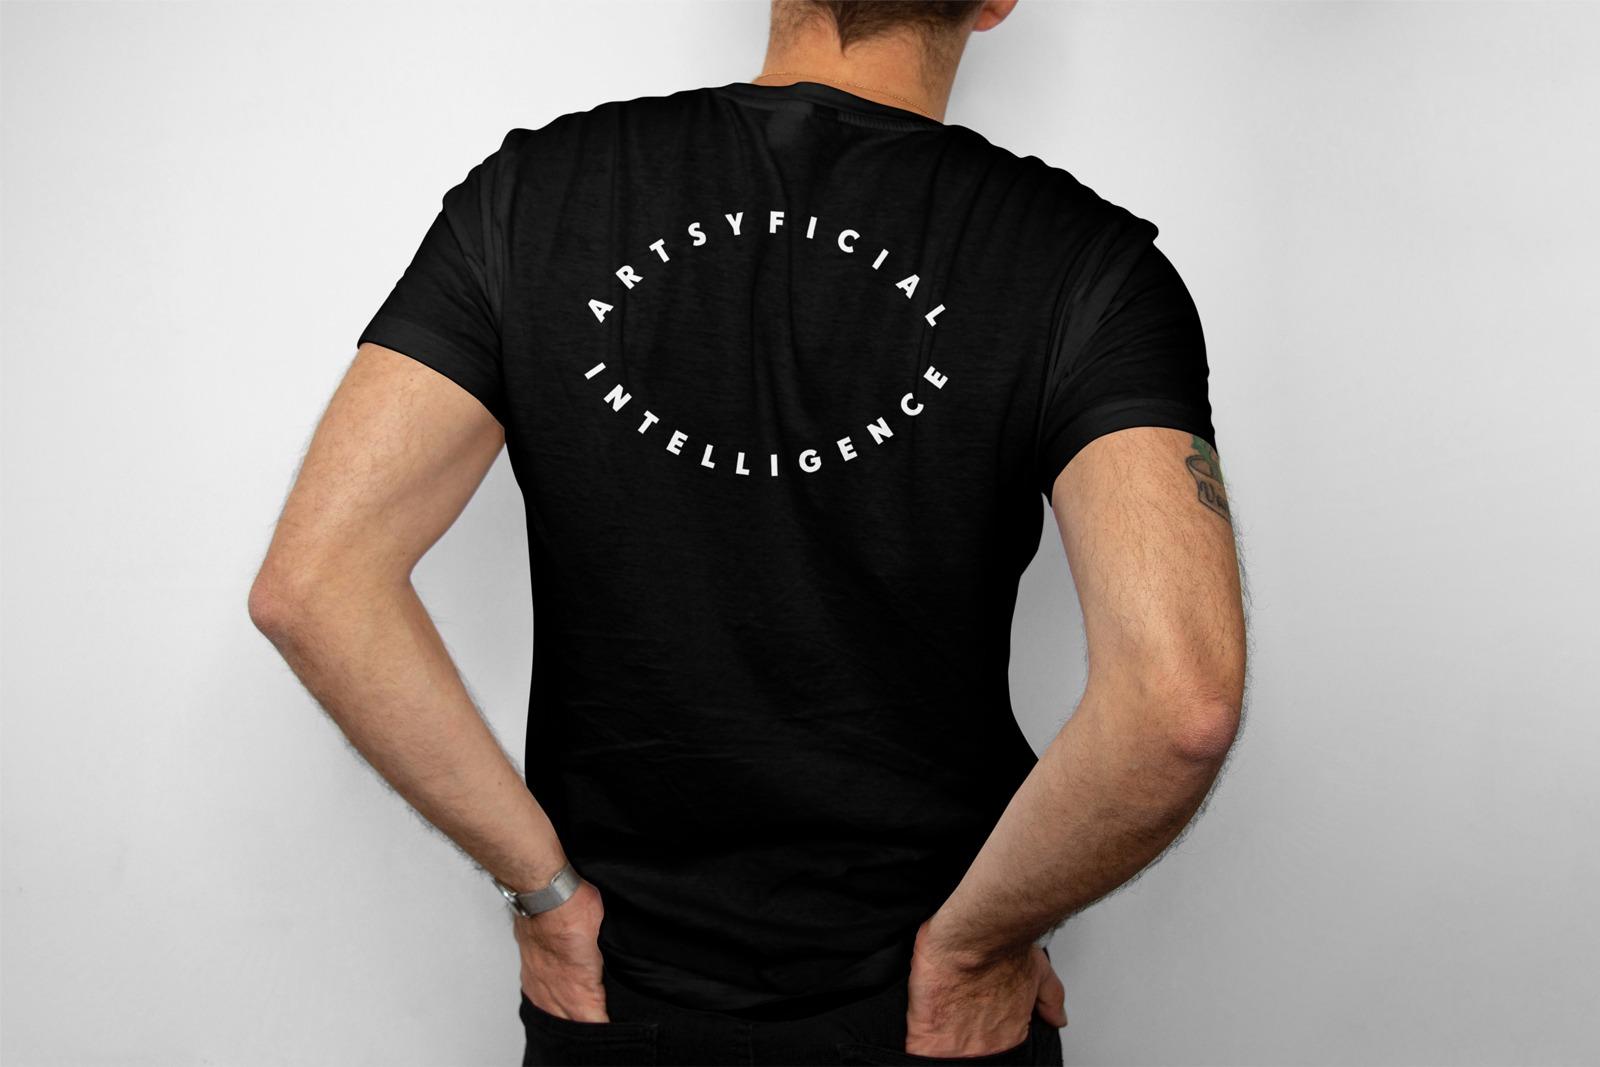 Artsyficial Intelligence